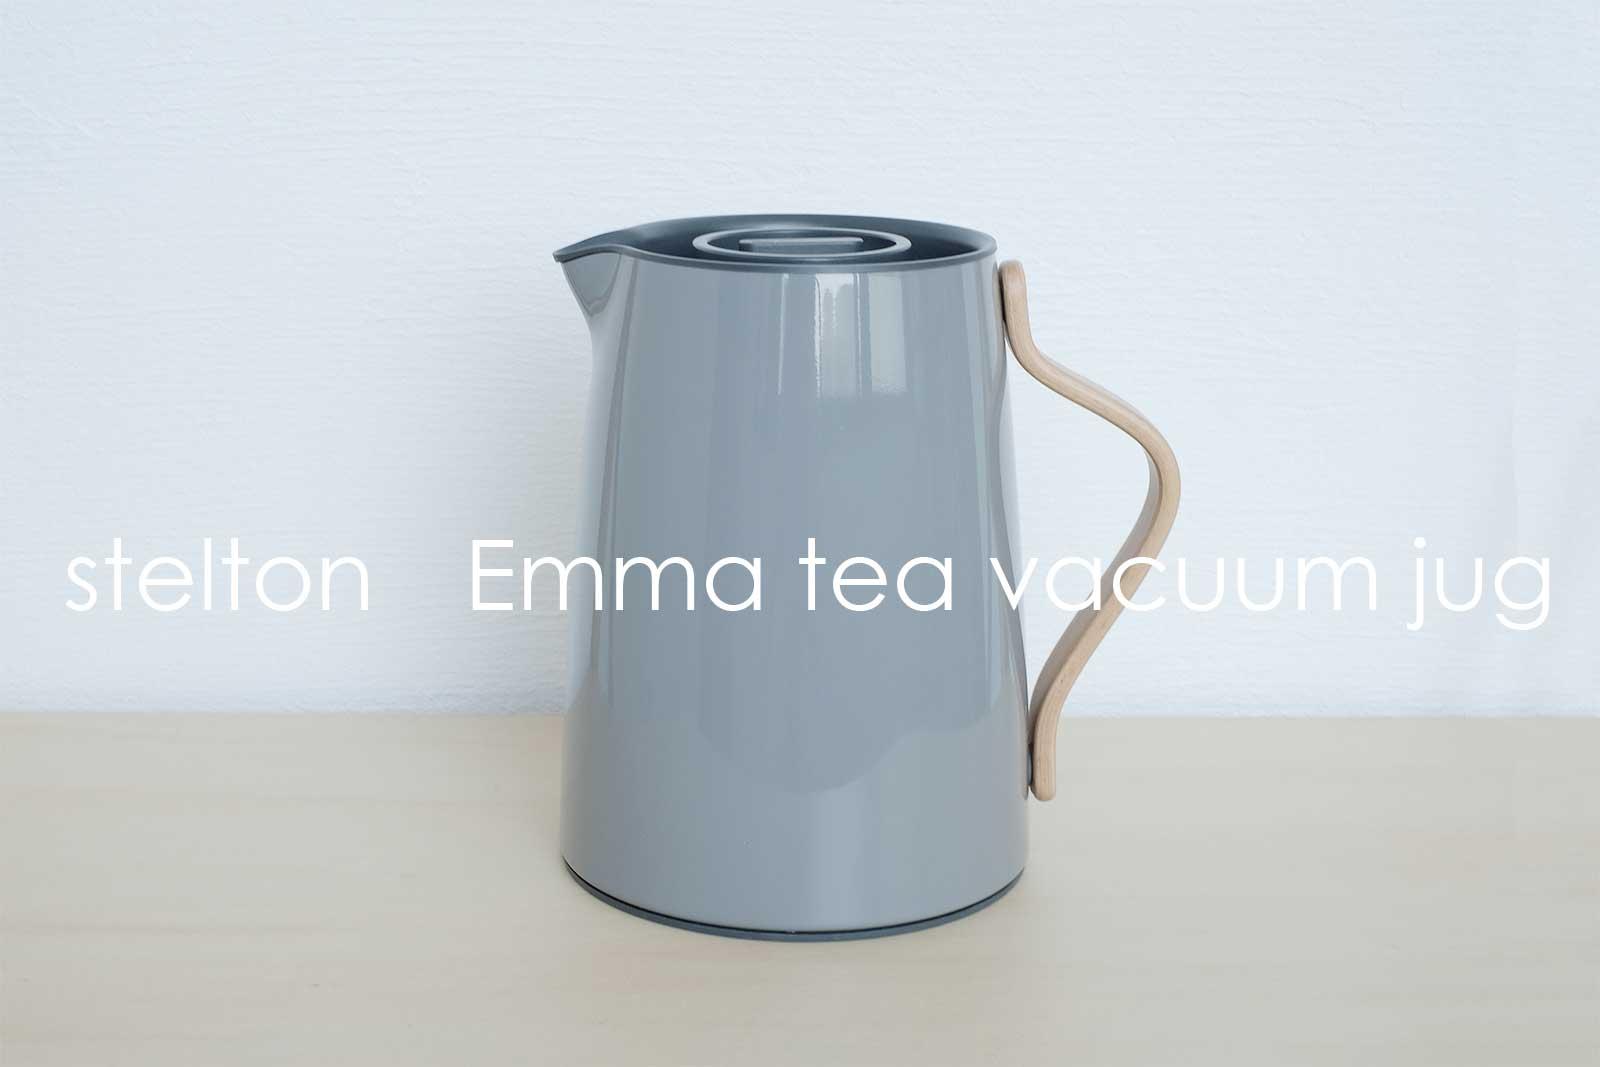 愛着がわくstelton(ステルトン)のステンレス魔法瓶ポット「Emma Tea vacuum jug 1L」バキュームジャグ【レビュー】